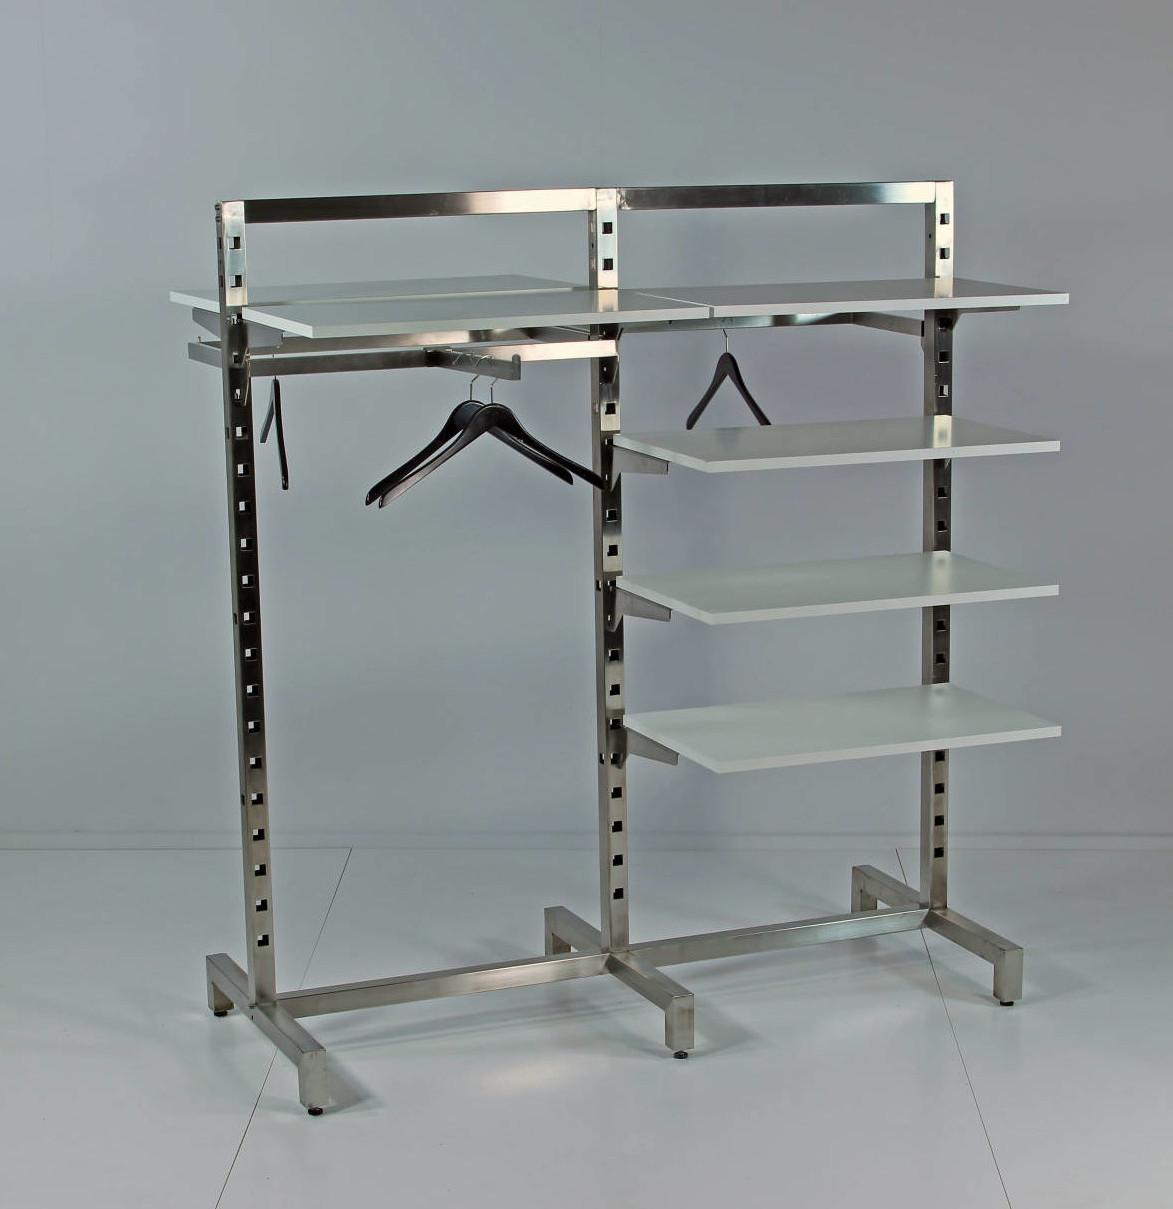 Fleksibelt stativ som kan udnyttes optimalt til alle varegrupper, og kan bruges som rumdeler. Butiksinventar